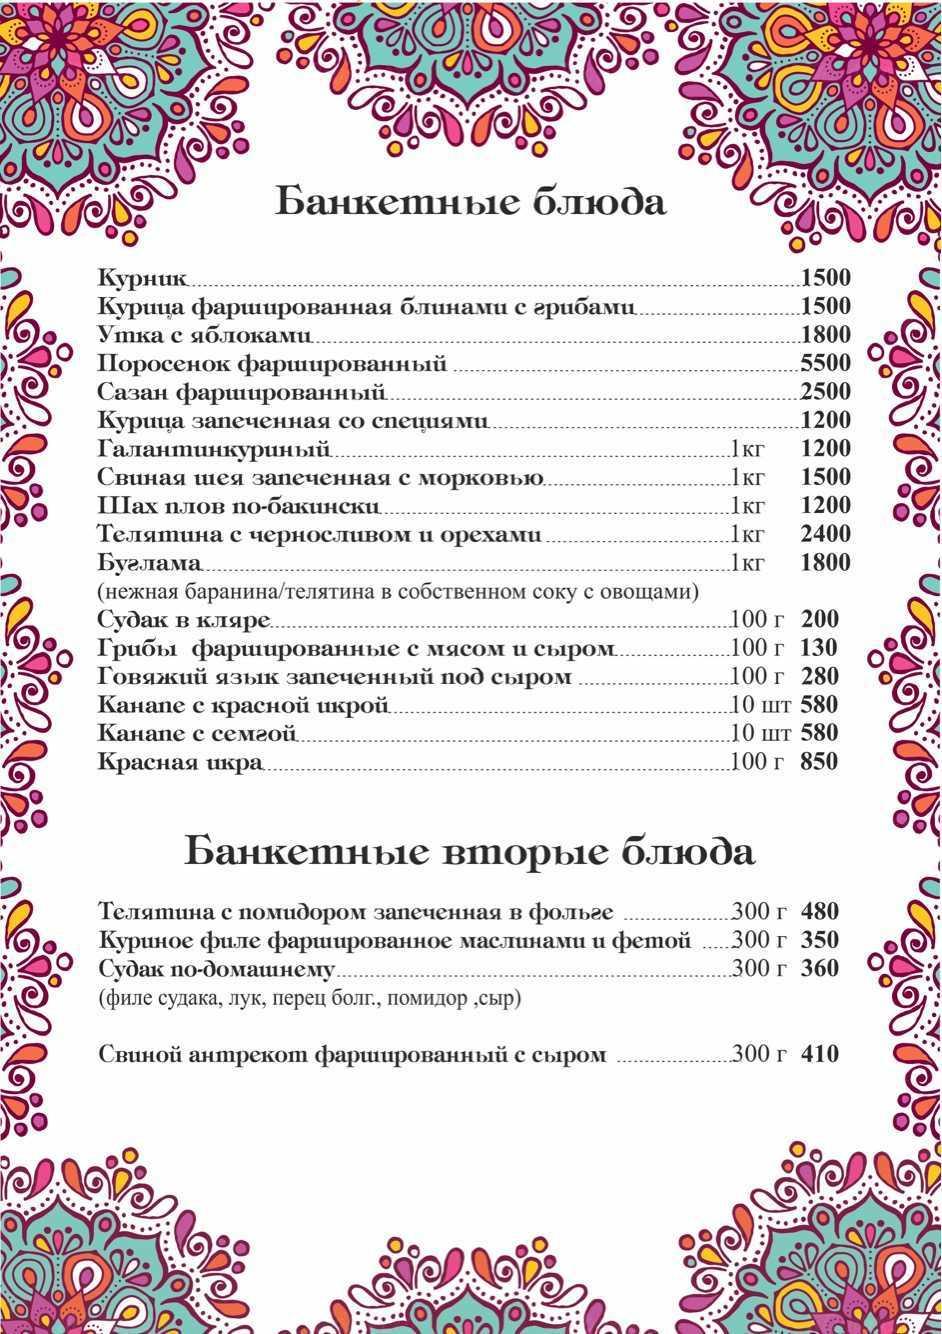 Банкетное меню кафе Султан на Шеболдаева фото 2